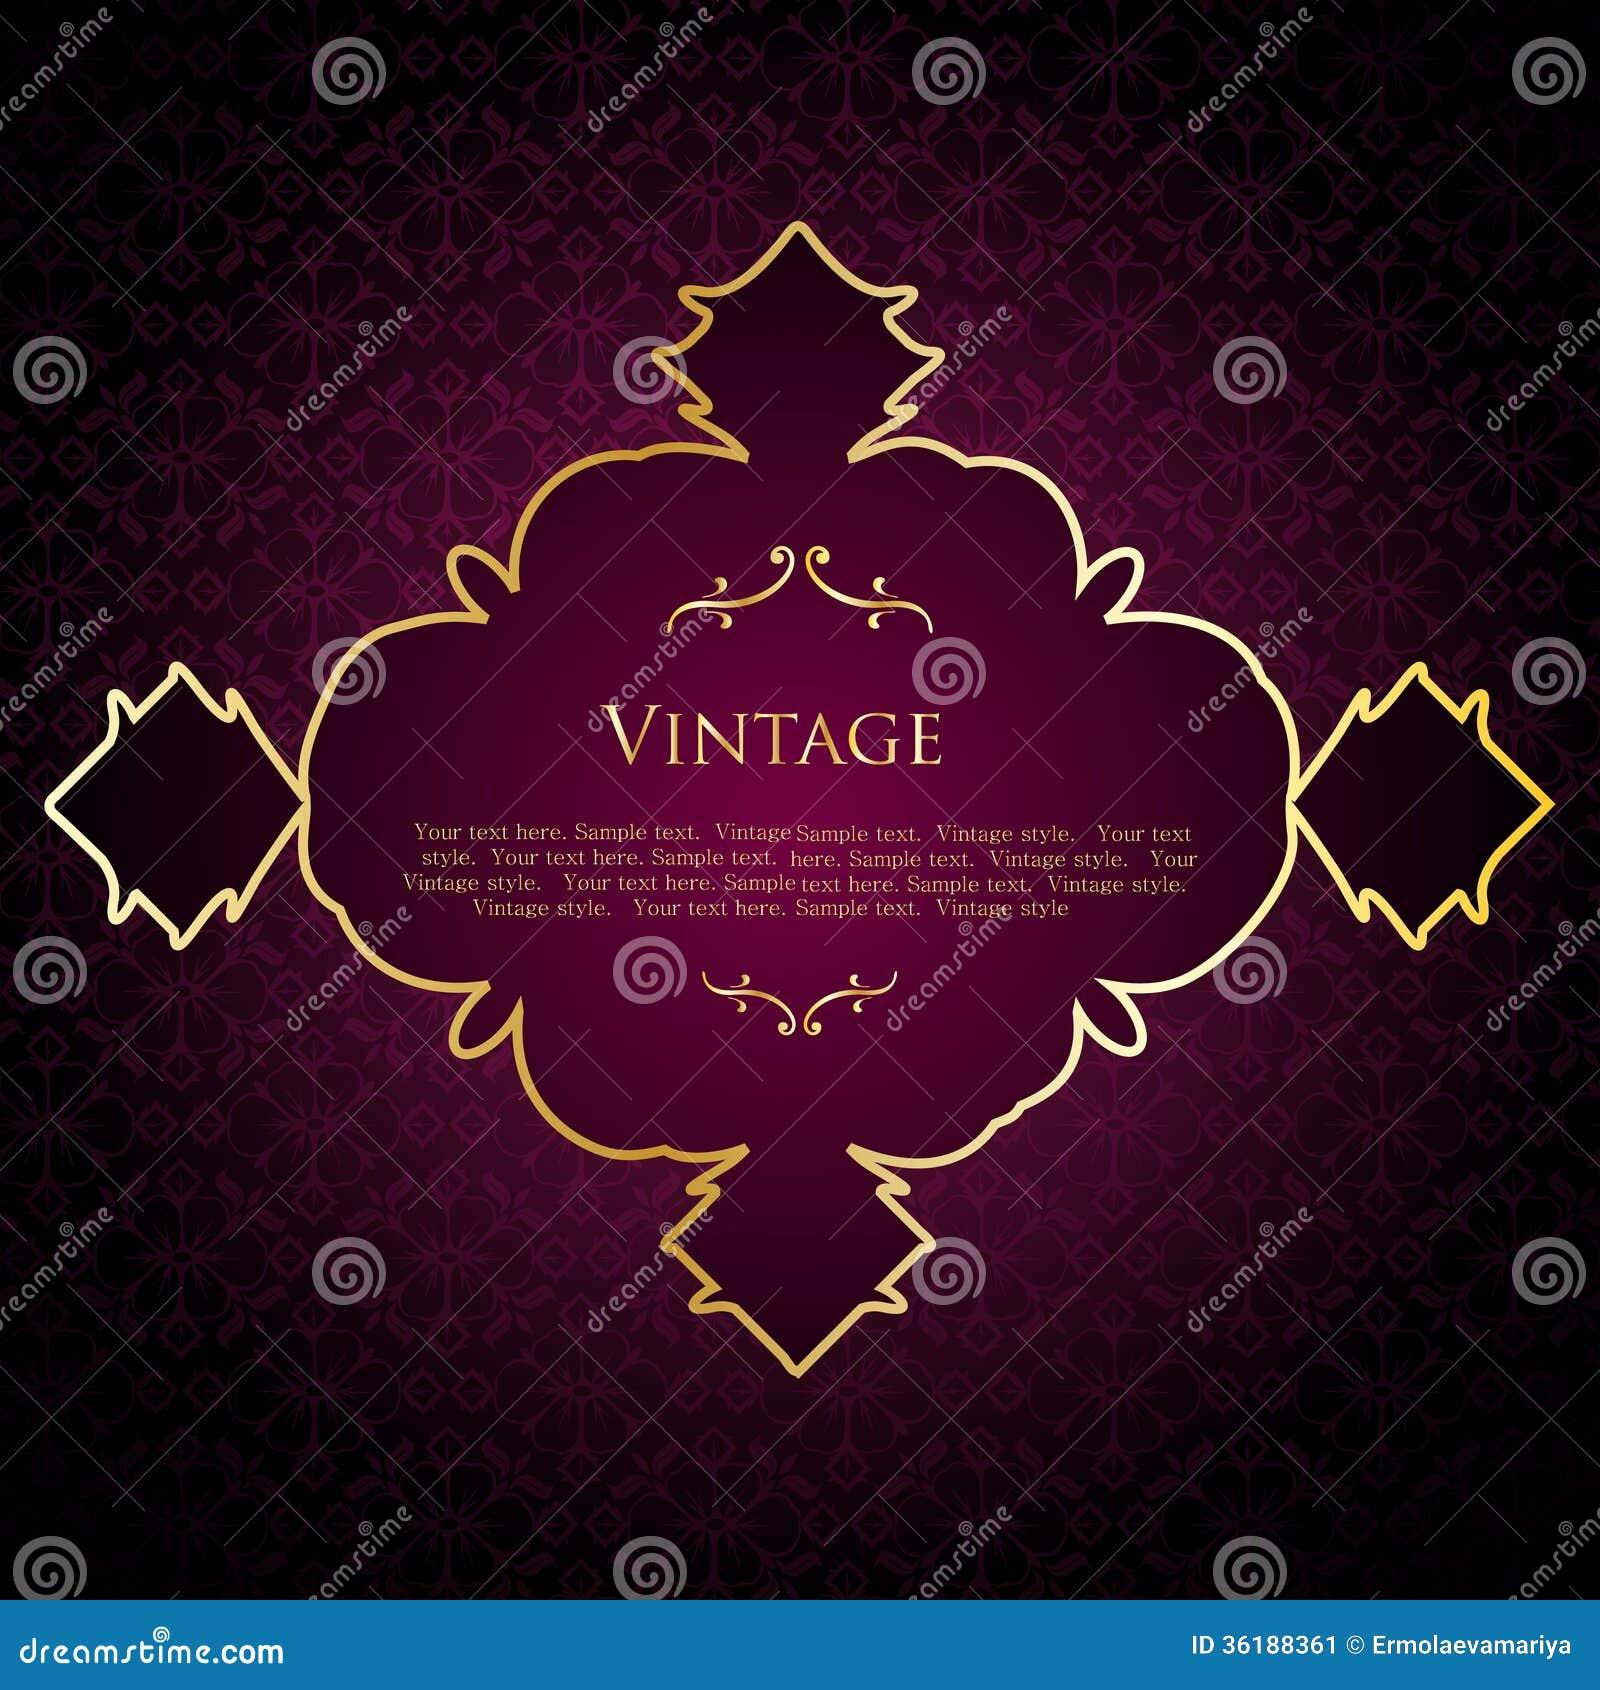 pink label template vector stock image image 36188361. Black Bedroom Furniture Sets. Home Design Ideas